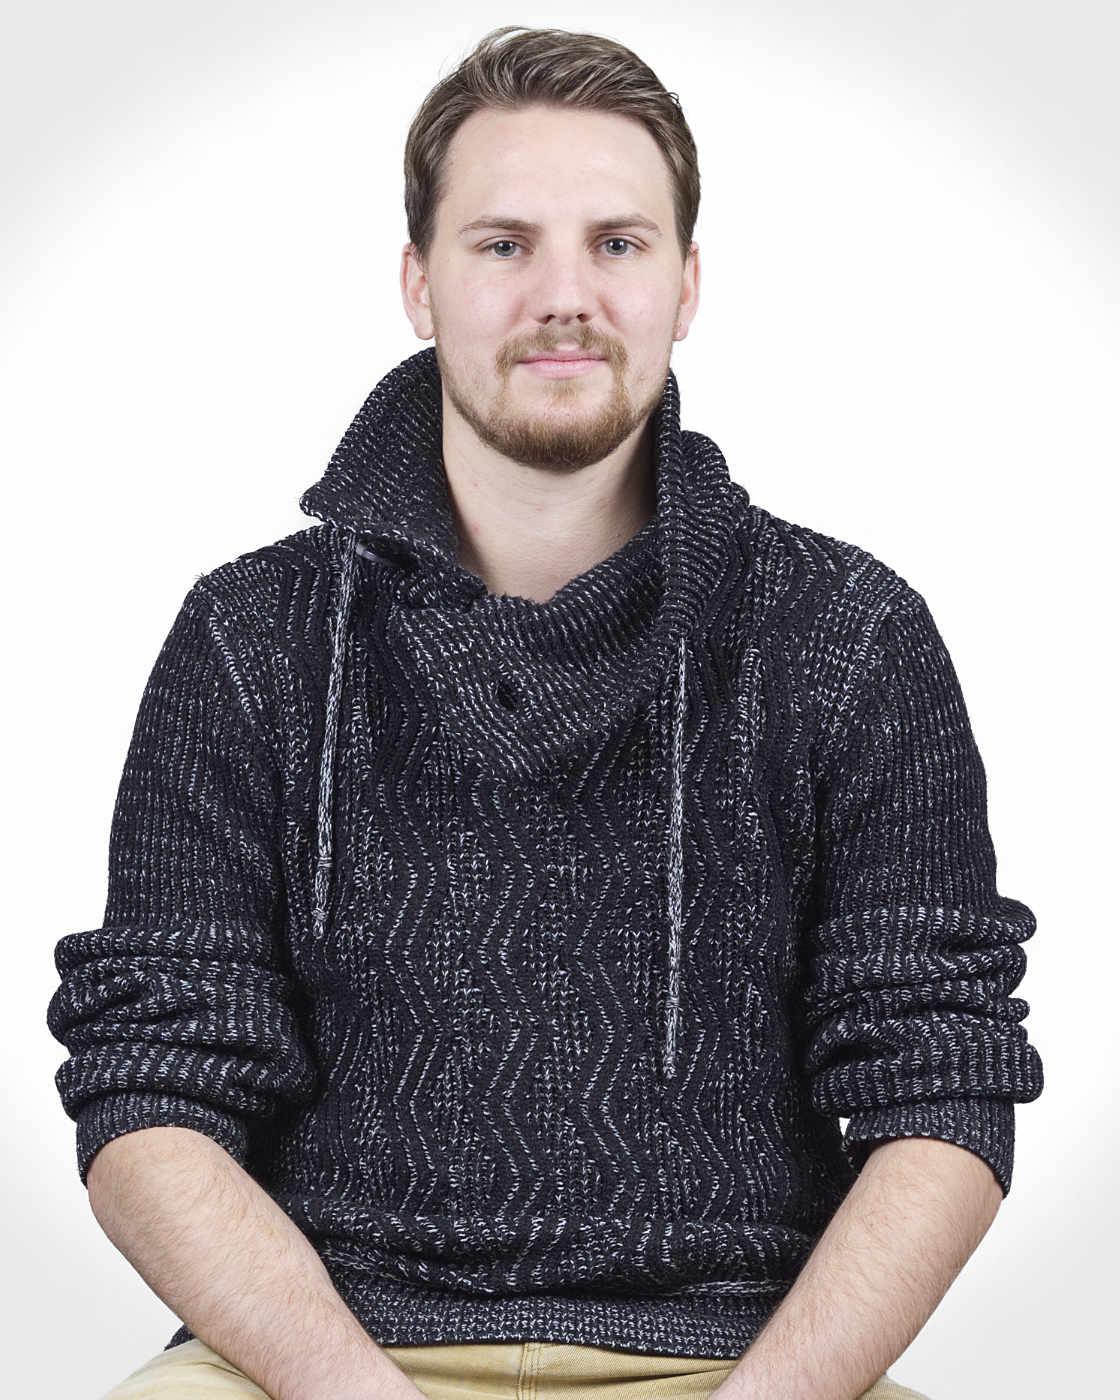 Christoph Endlicher